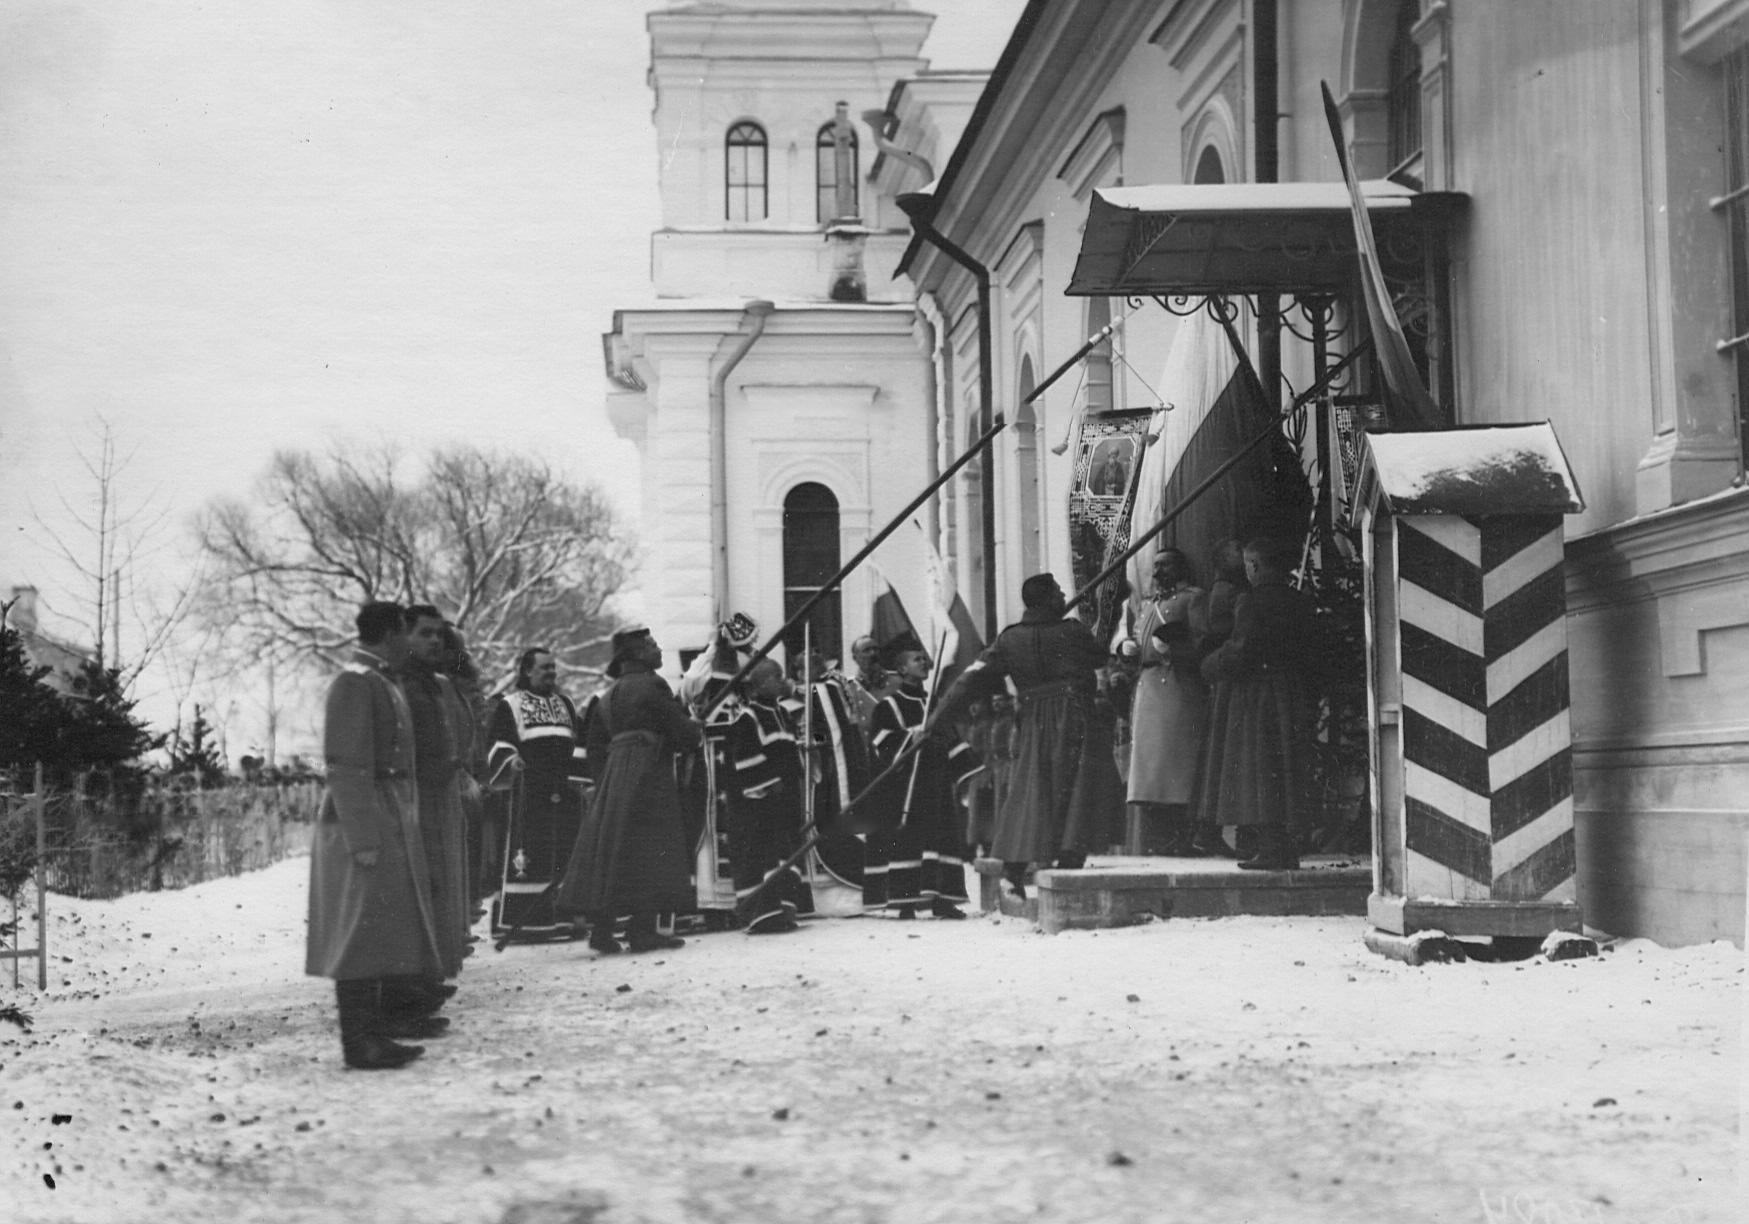 Внесение хоругвий в церковь 2-го стрелкового Царскосельского батальона в день ее освящения. 19 ноября (2 декабря) 1904 года